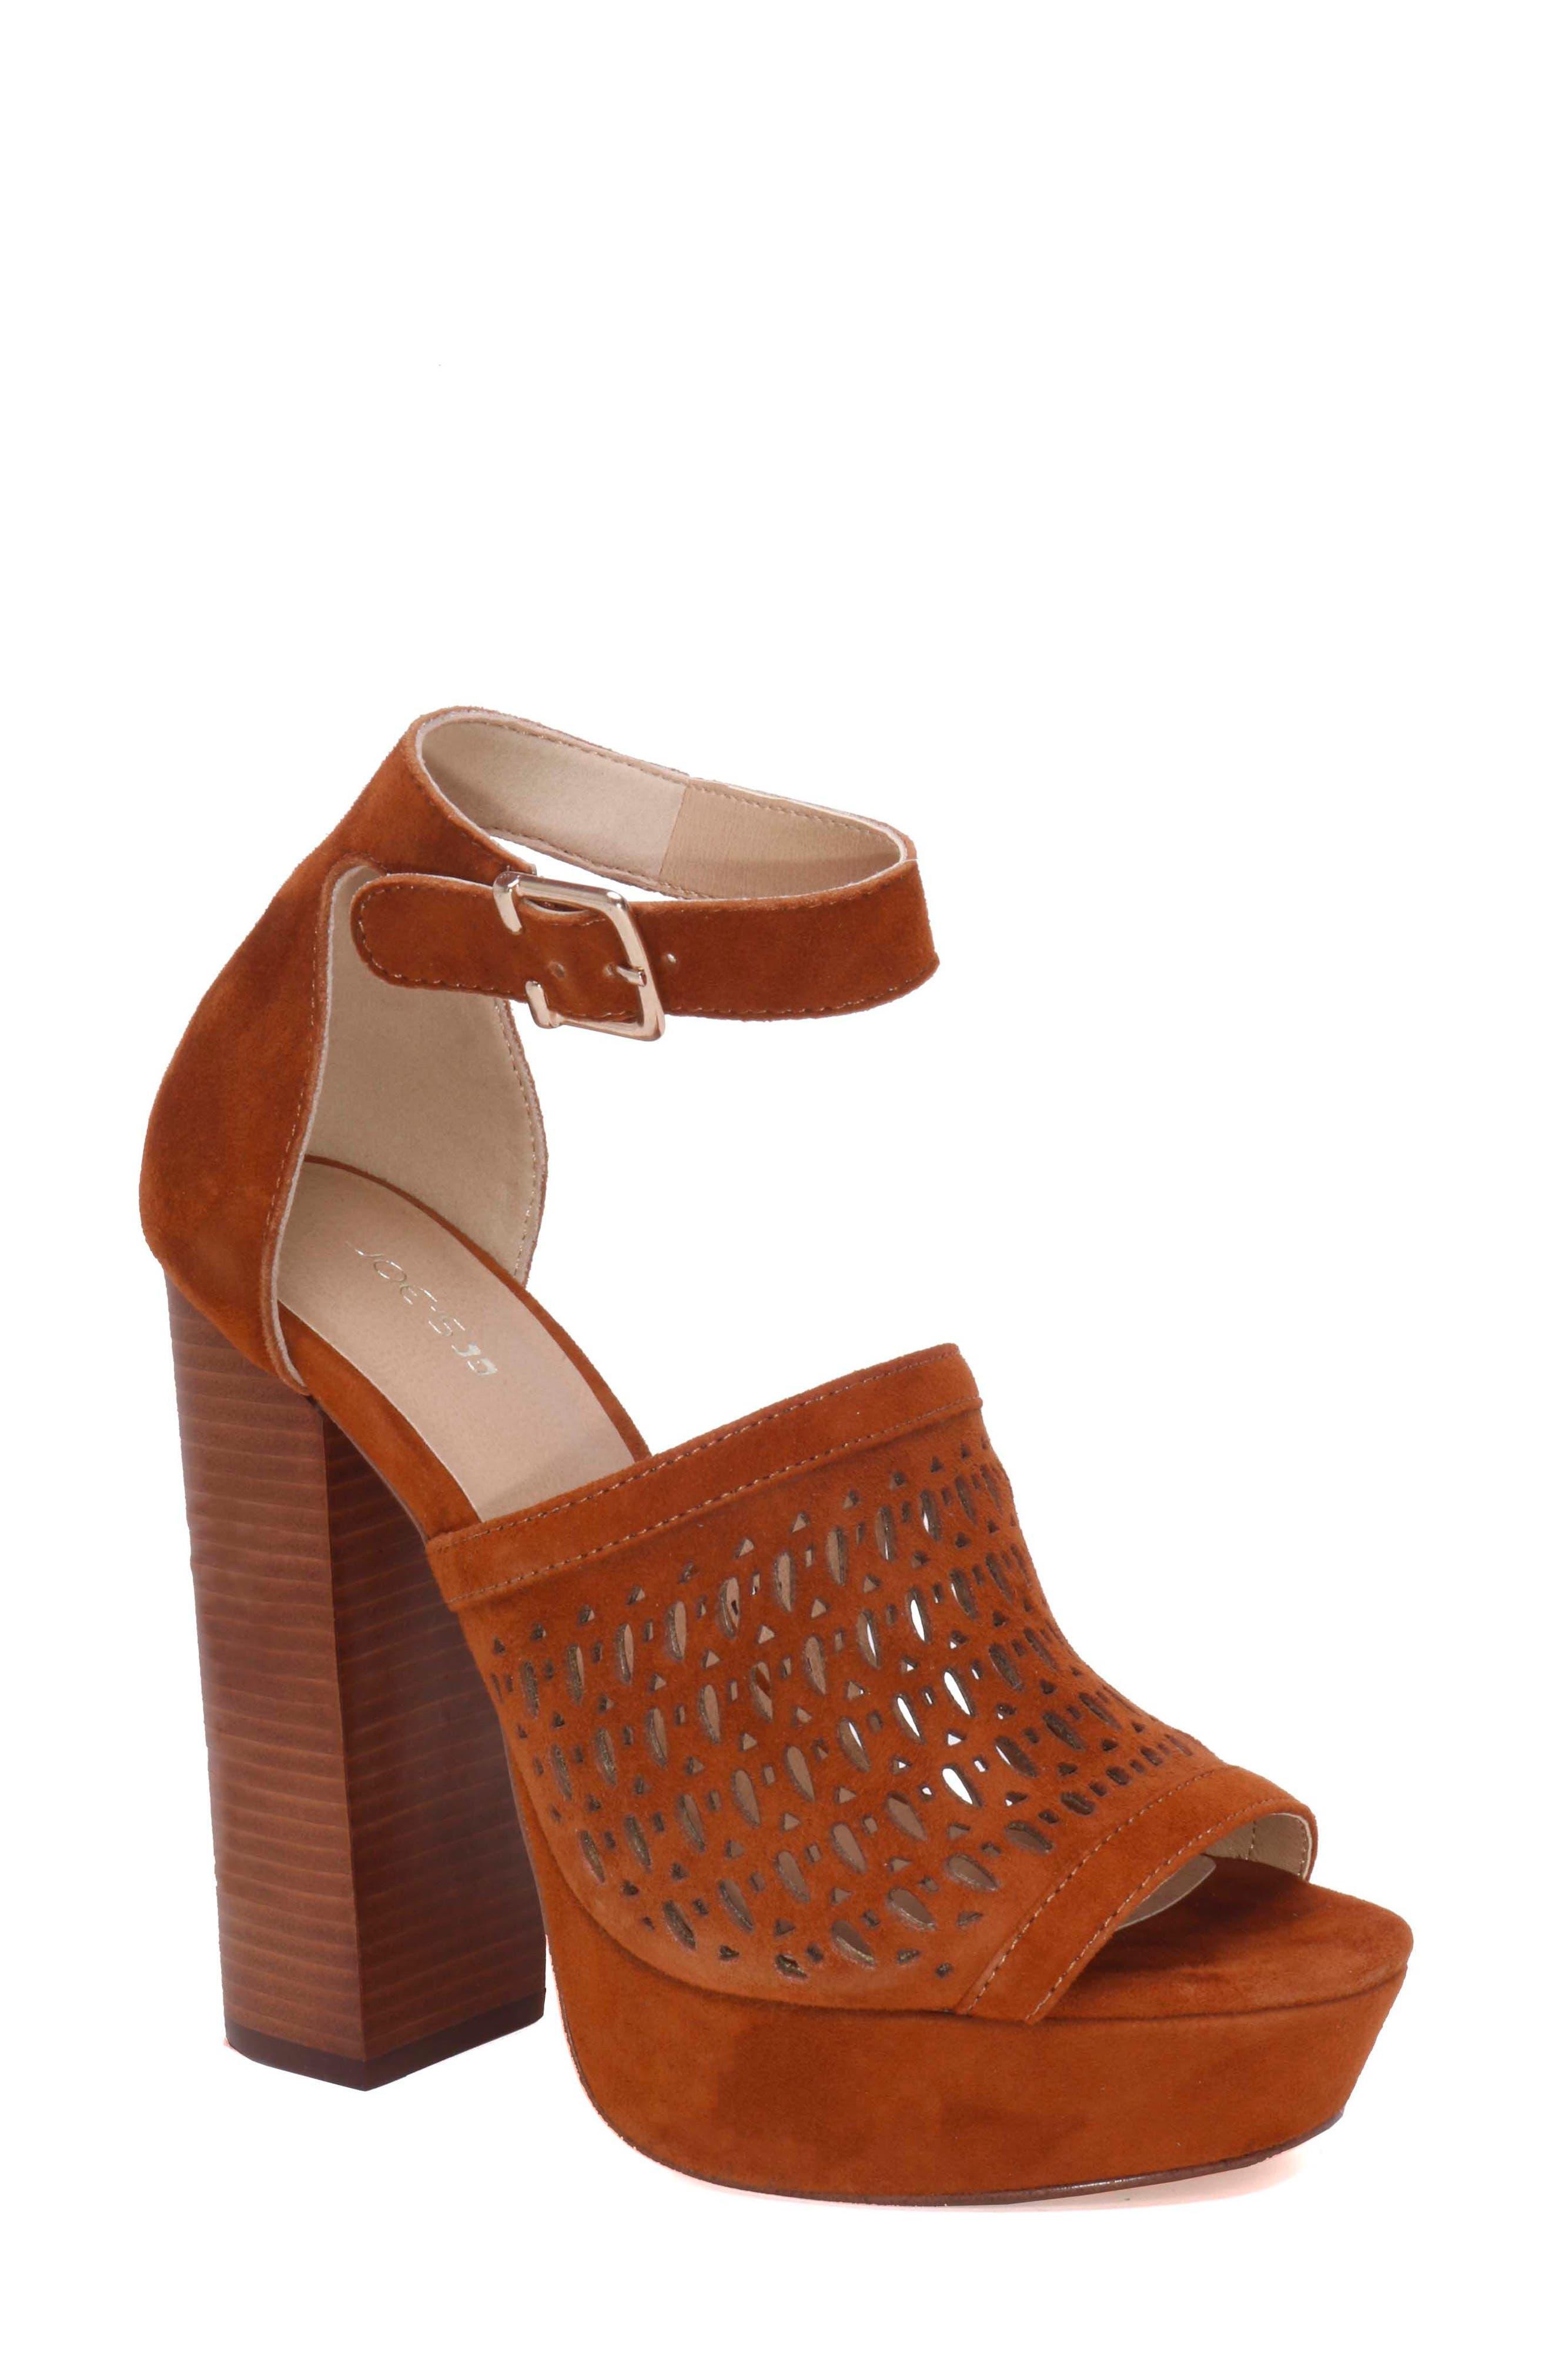 Lorne Platform Sandal,                             Main thumbnail 1, color,                             Camel Suede